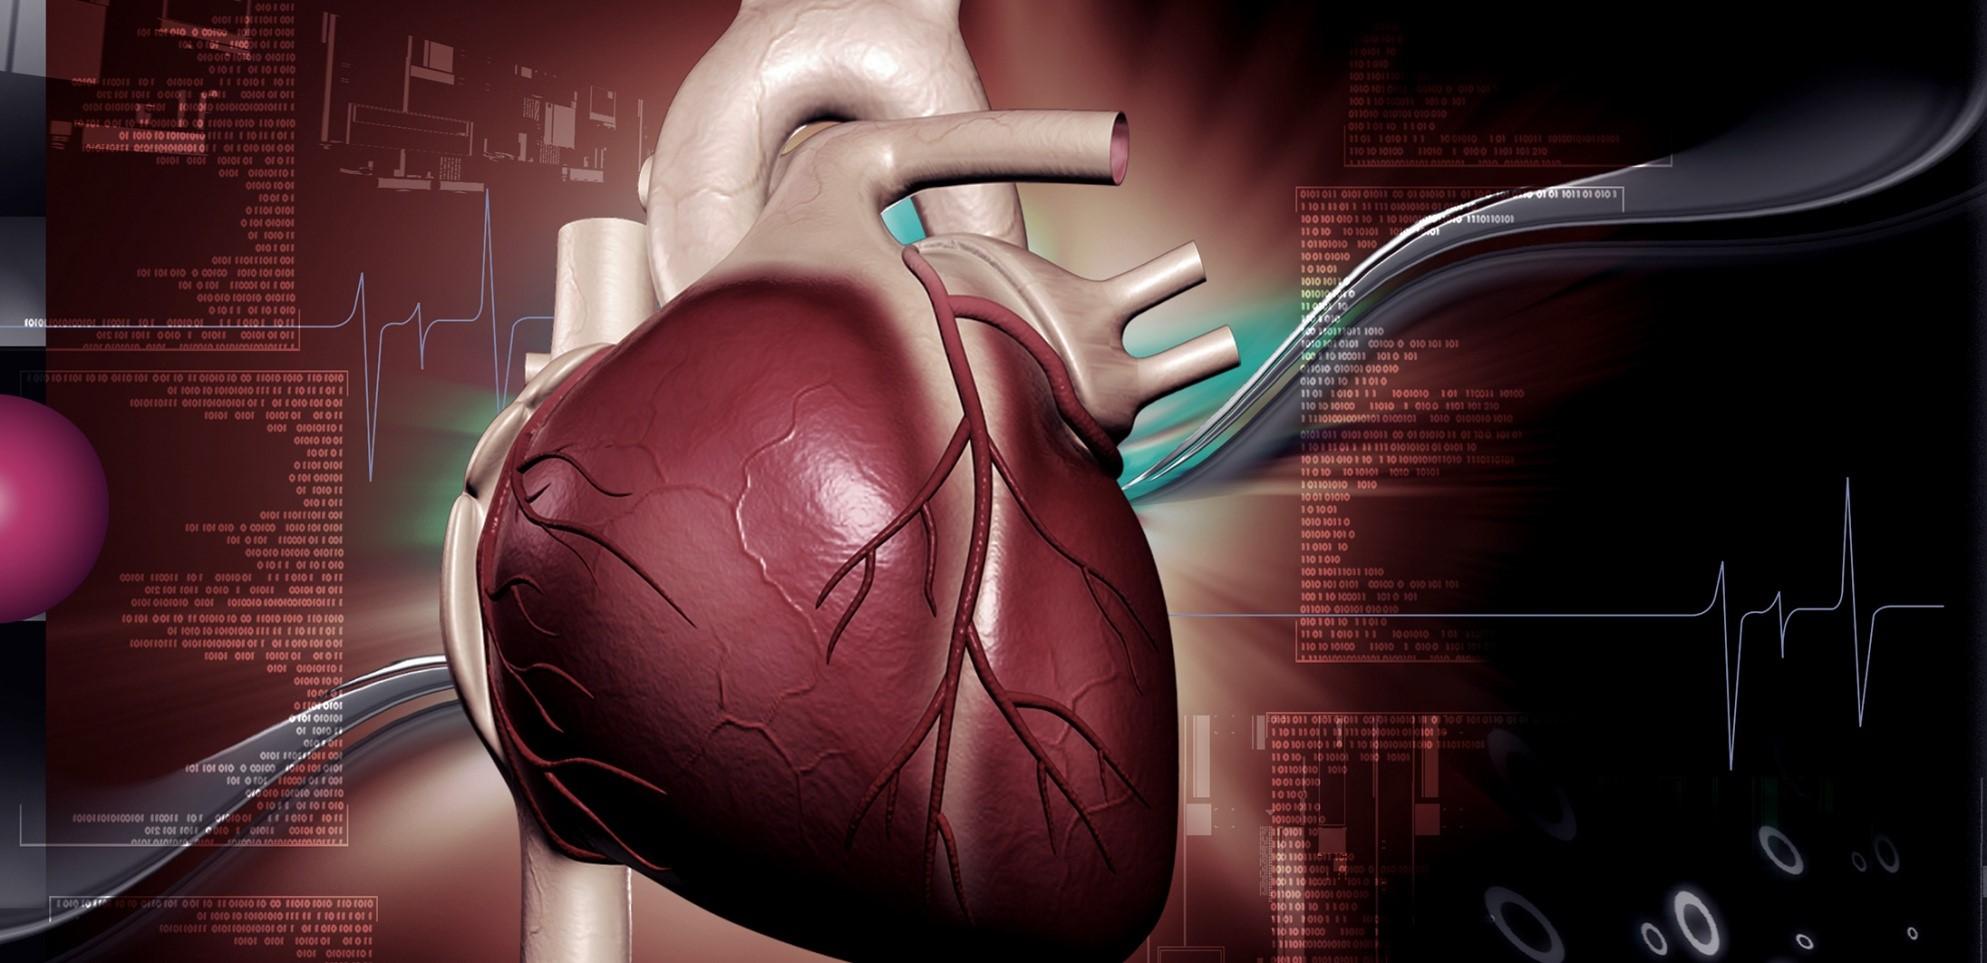 Kalp Dış Yüzeyinde Oluşan Sorunlar İçin Epikardiyal Ablasyon